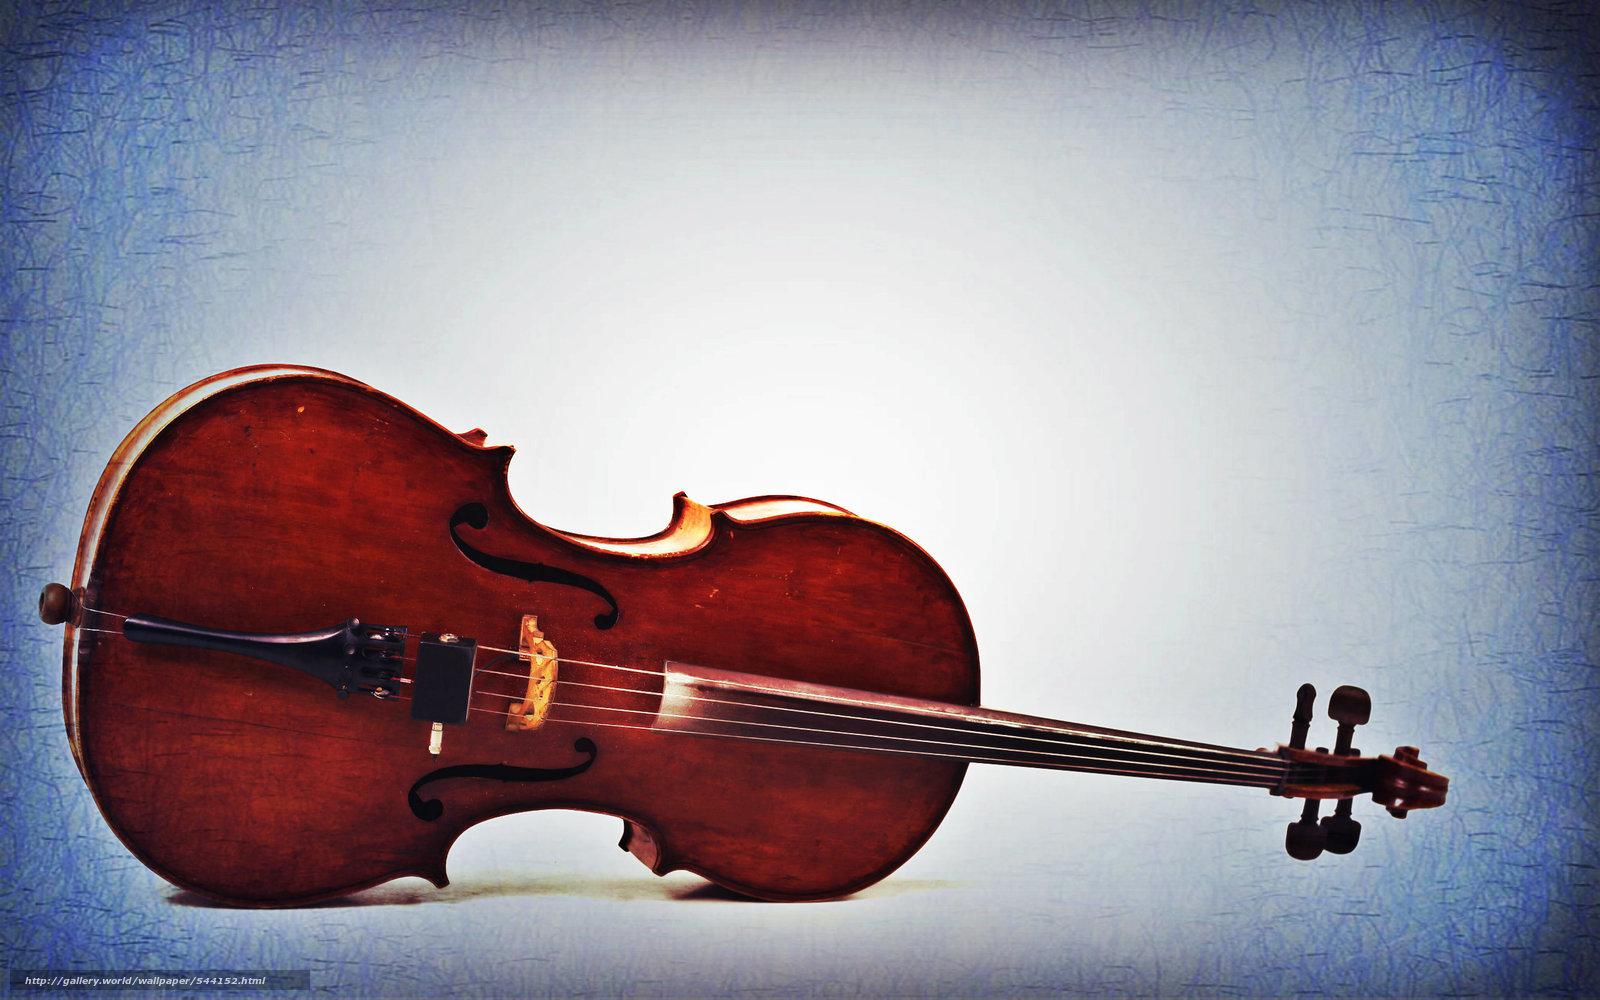 Cello Wallpaper Photo 22287 Hd Pictures: Tlcharger Fond D'ecran Violoncelle, Musique, Instrument De